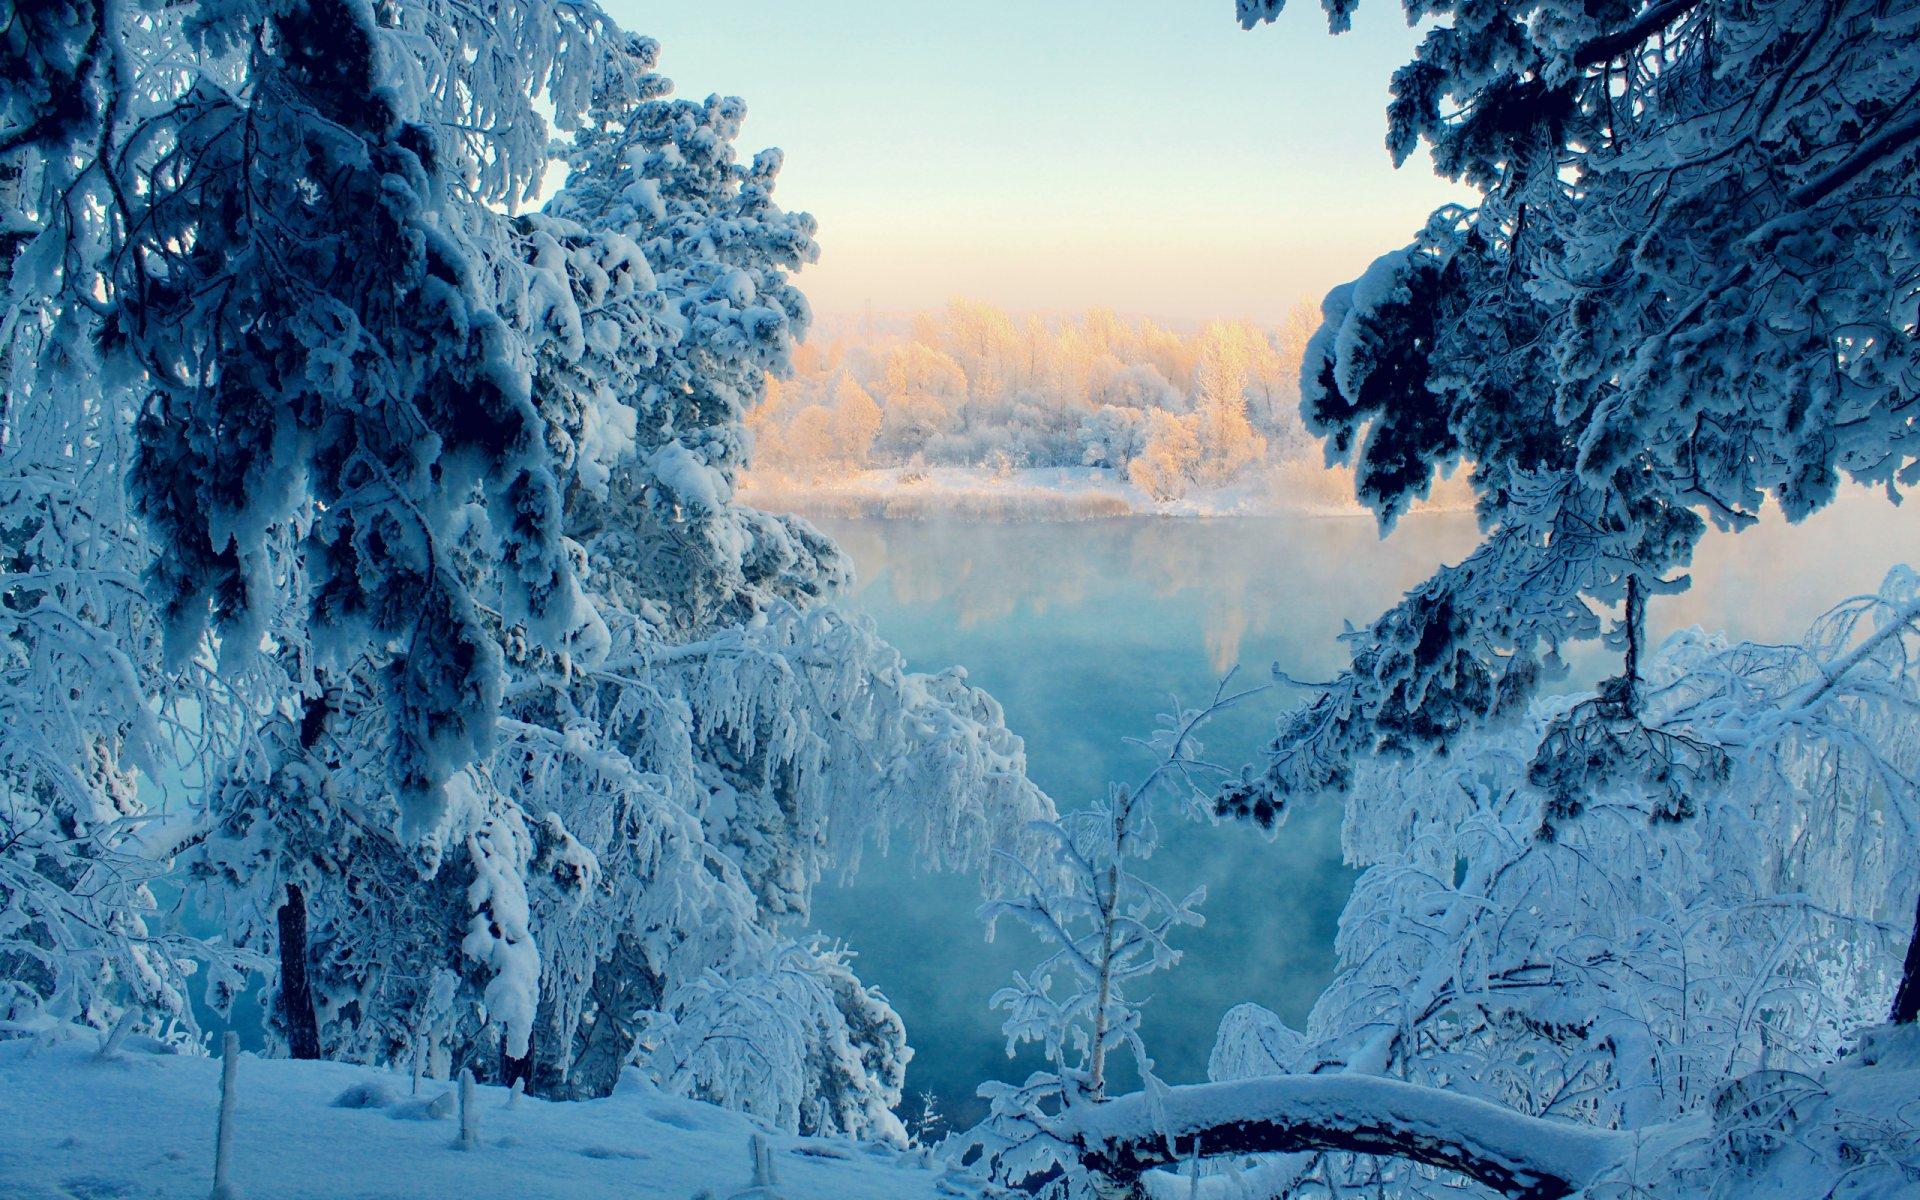 Картинки высокого разрешения на телефон про зиму